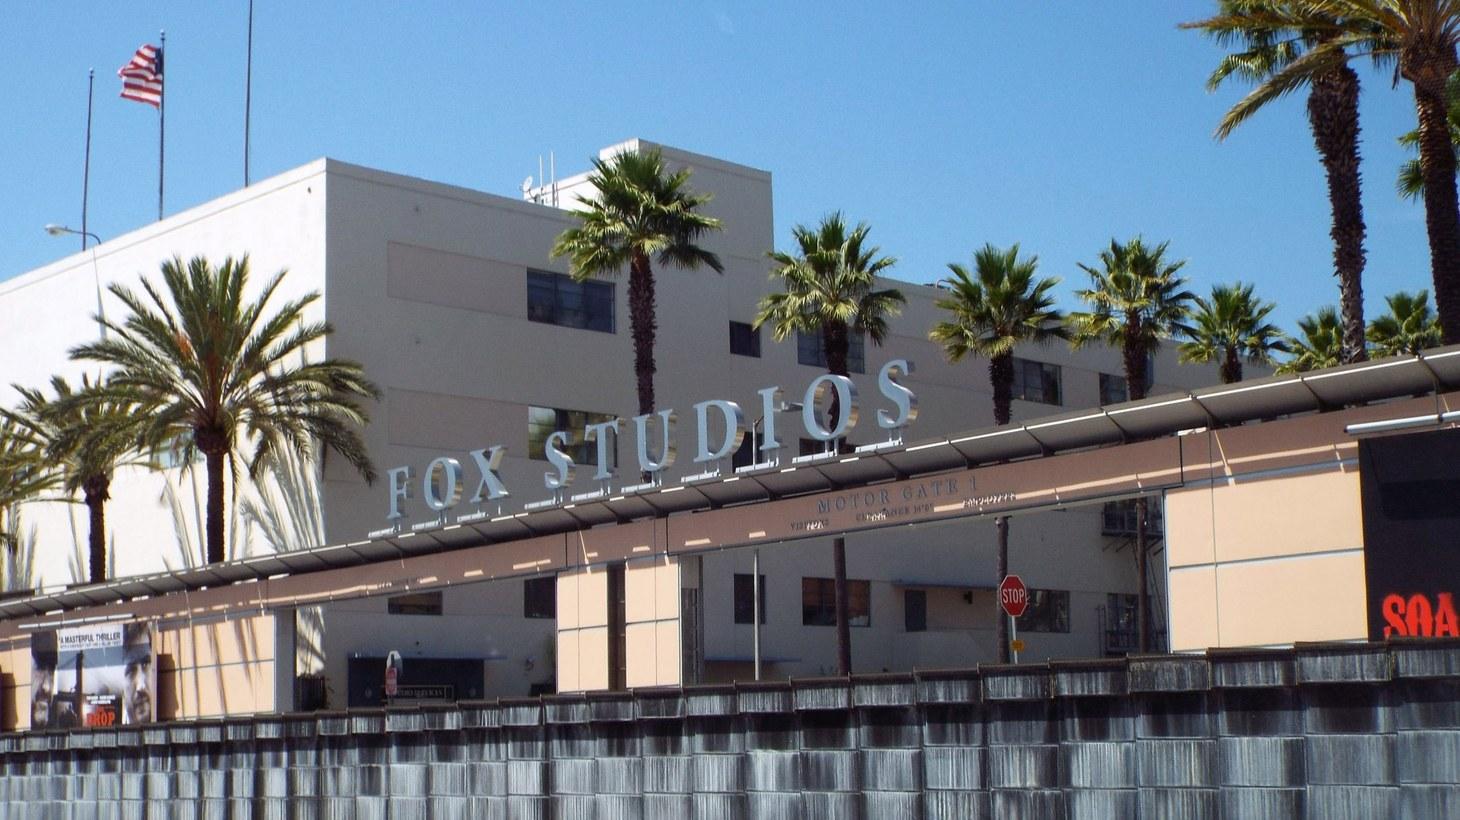 Fox Studios in Century City, California.